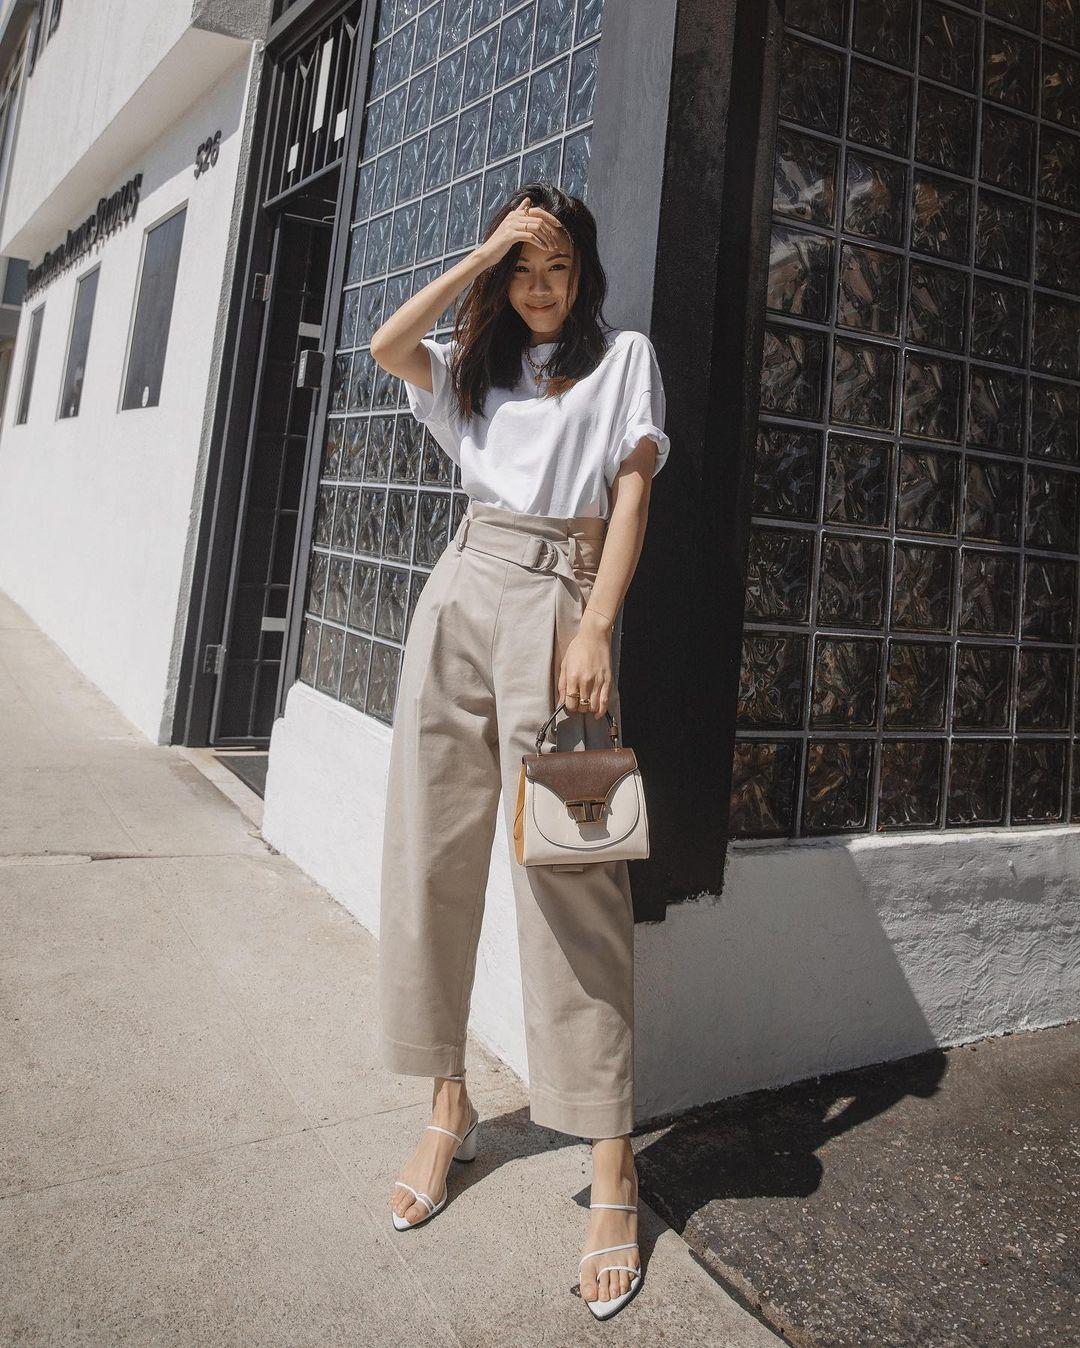 cách phối màu trang phục công sở theo từng nhóm ngành phong cách tối giản